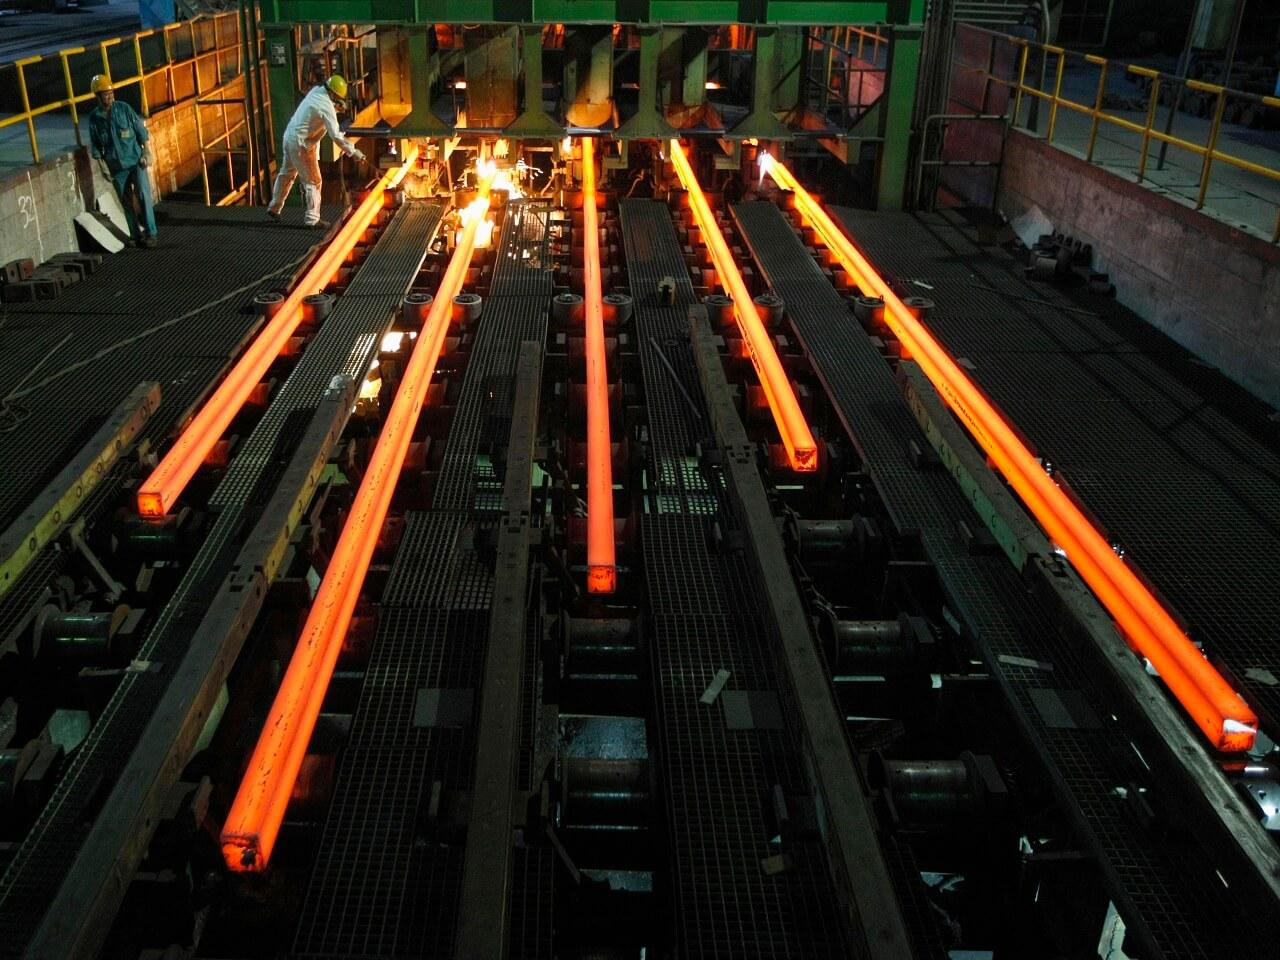 Demir-Çelik Ürünleri Geçici Korunma Önlemi Kapsamında Tarife Kontenjanı Uygulaması